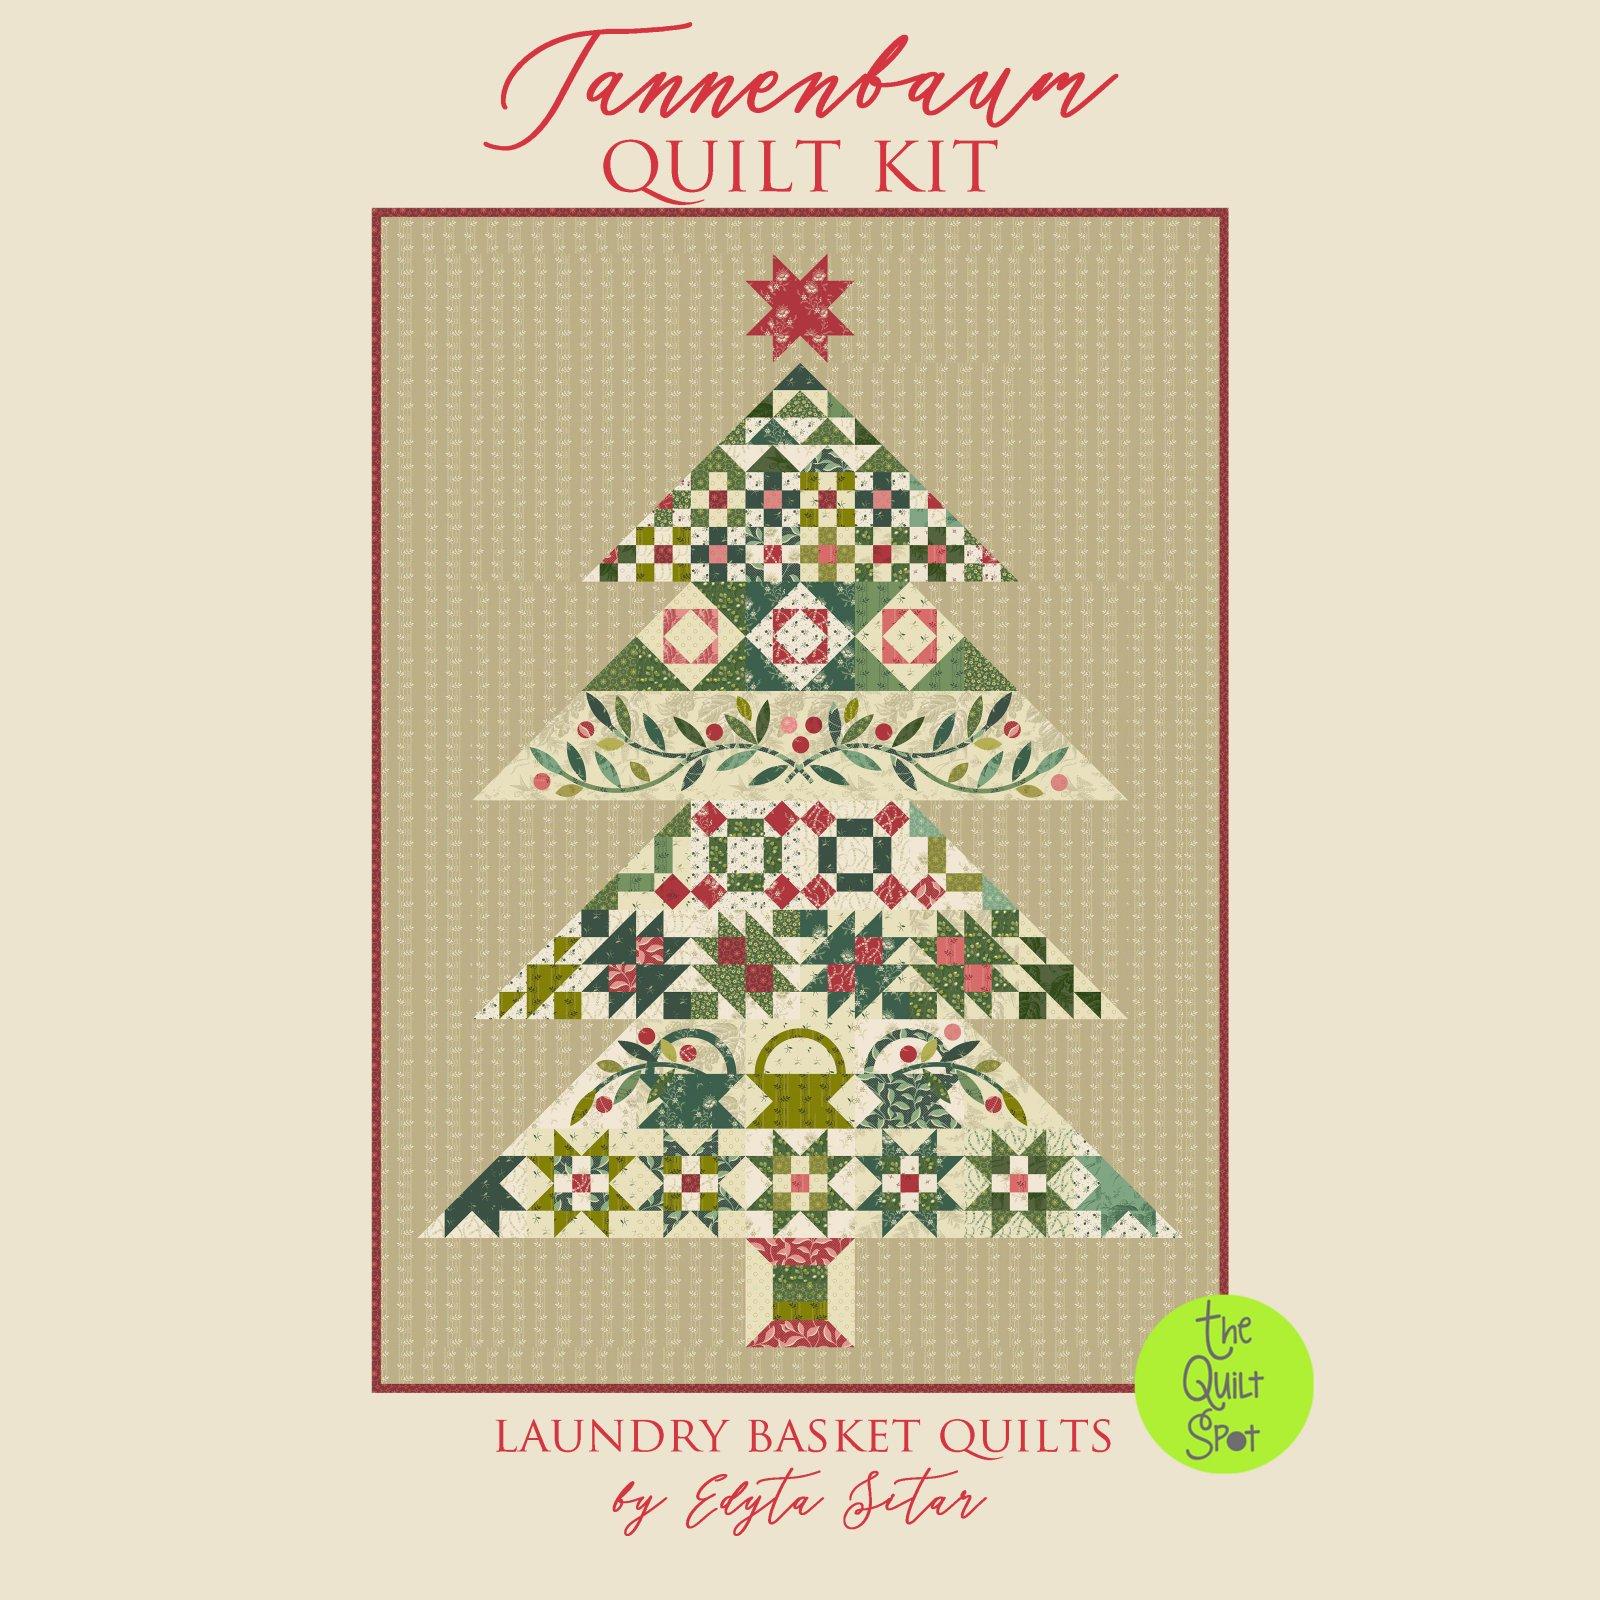 Tannenbaum Quilt Kit